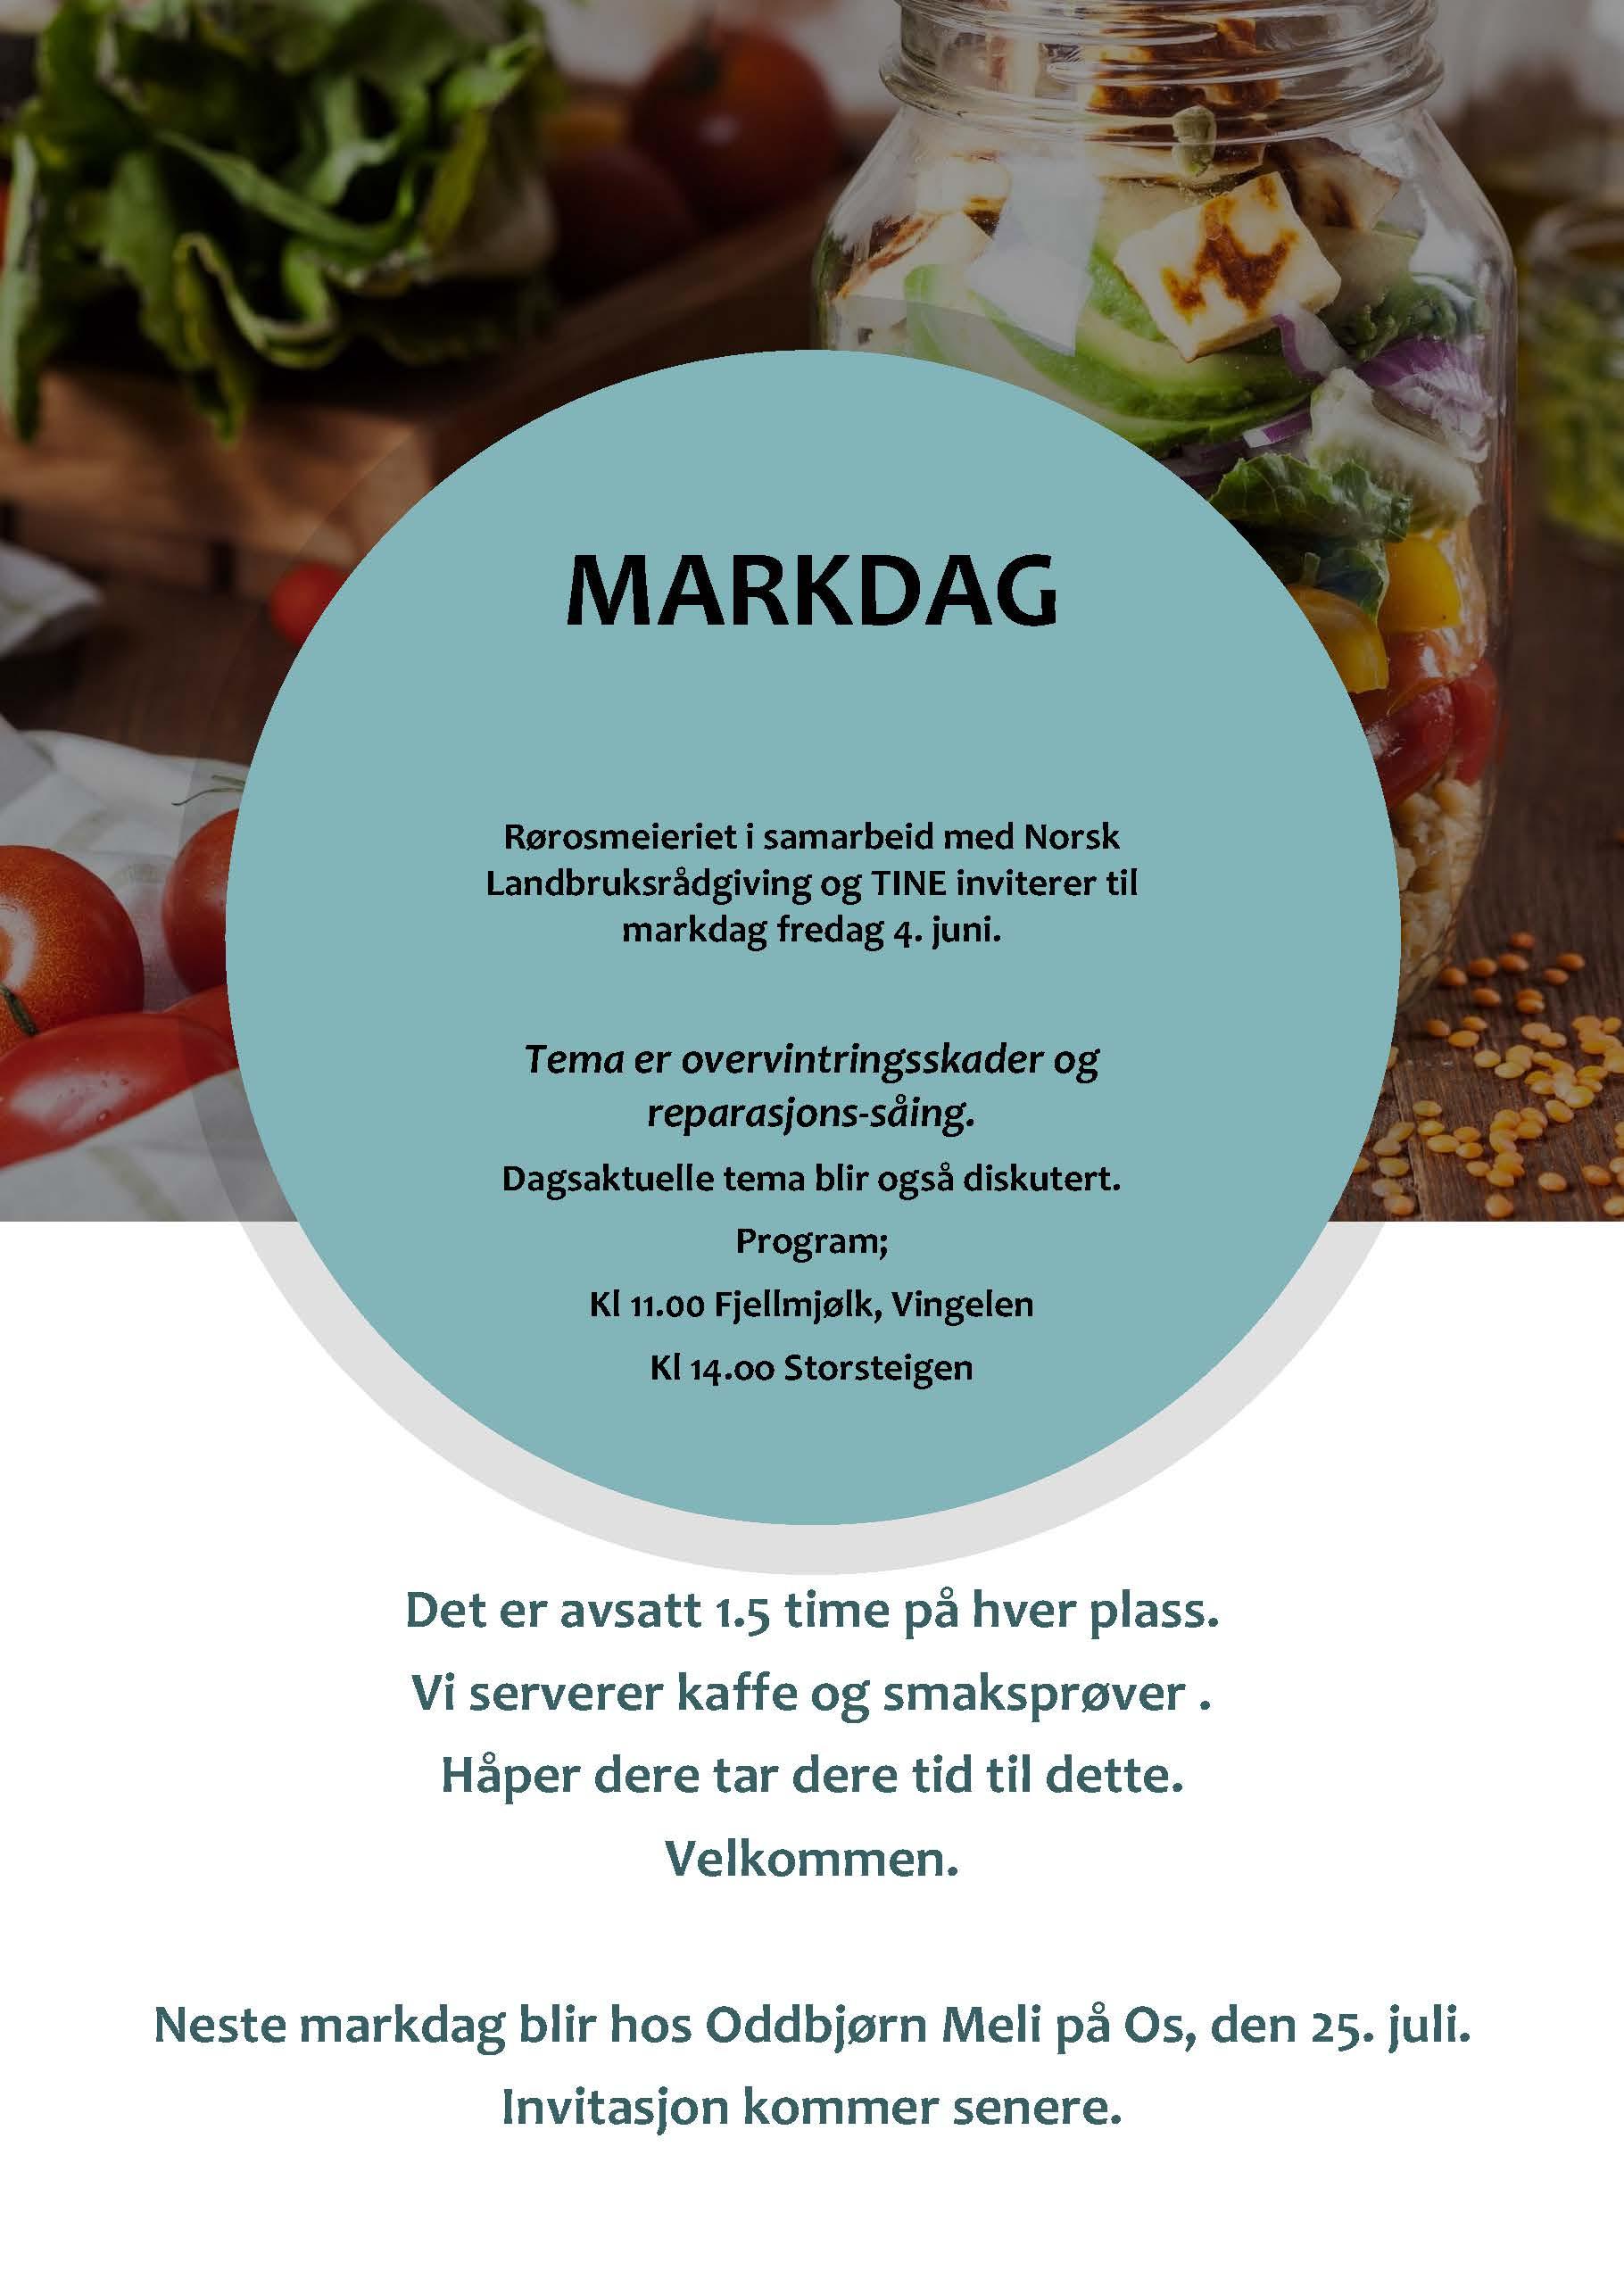 Bilde av plakat med invitasjon til Markdag den 4. juni